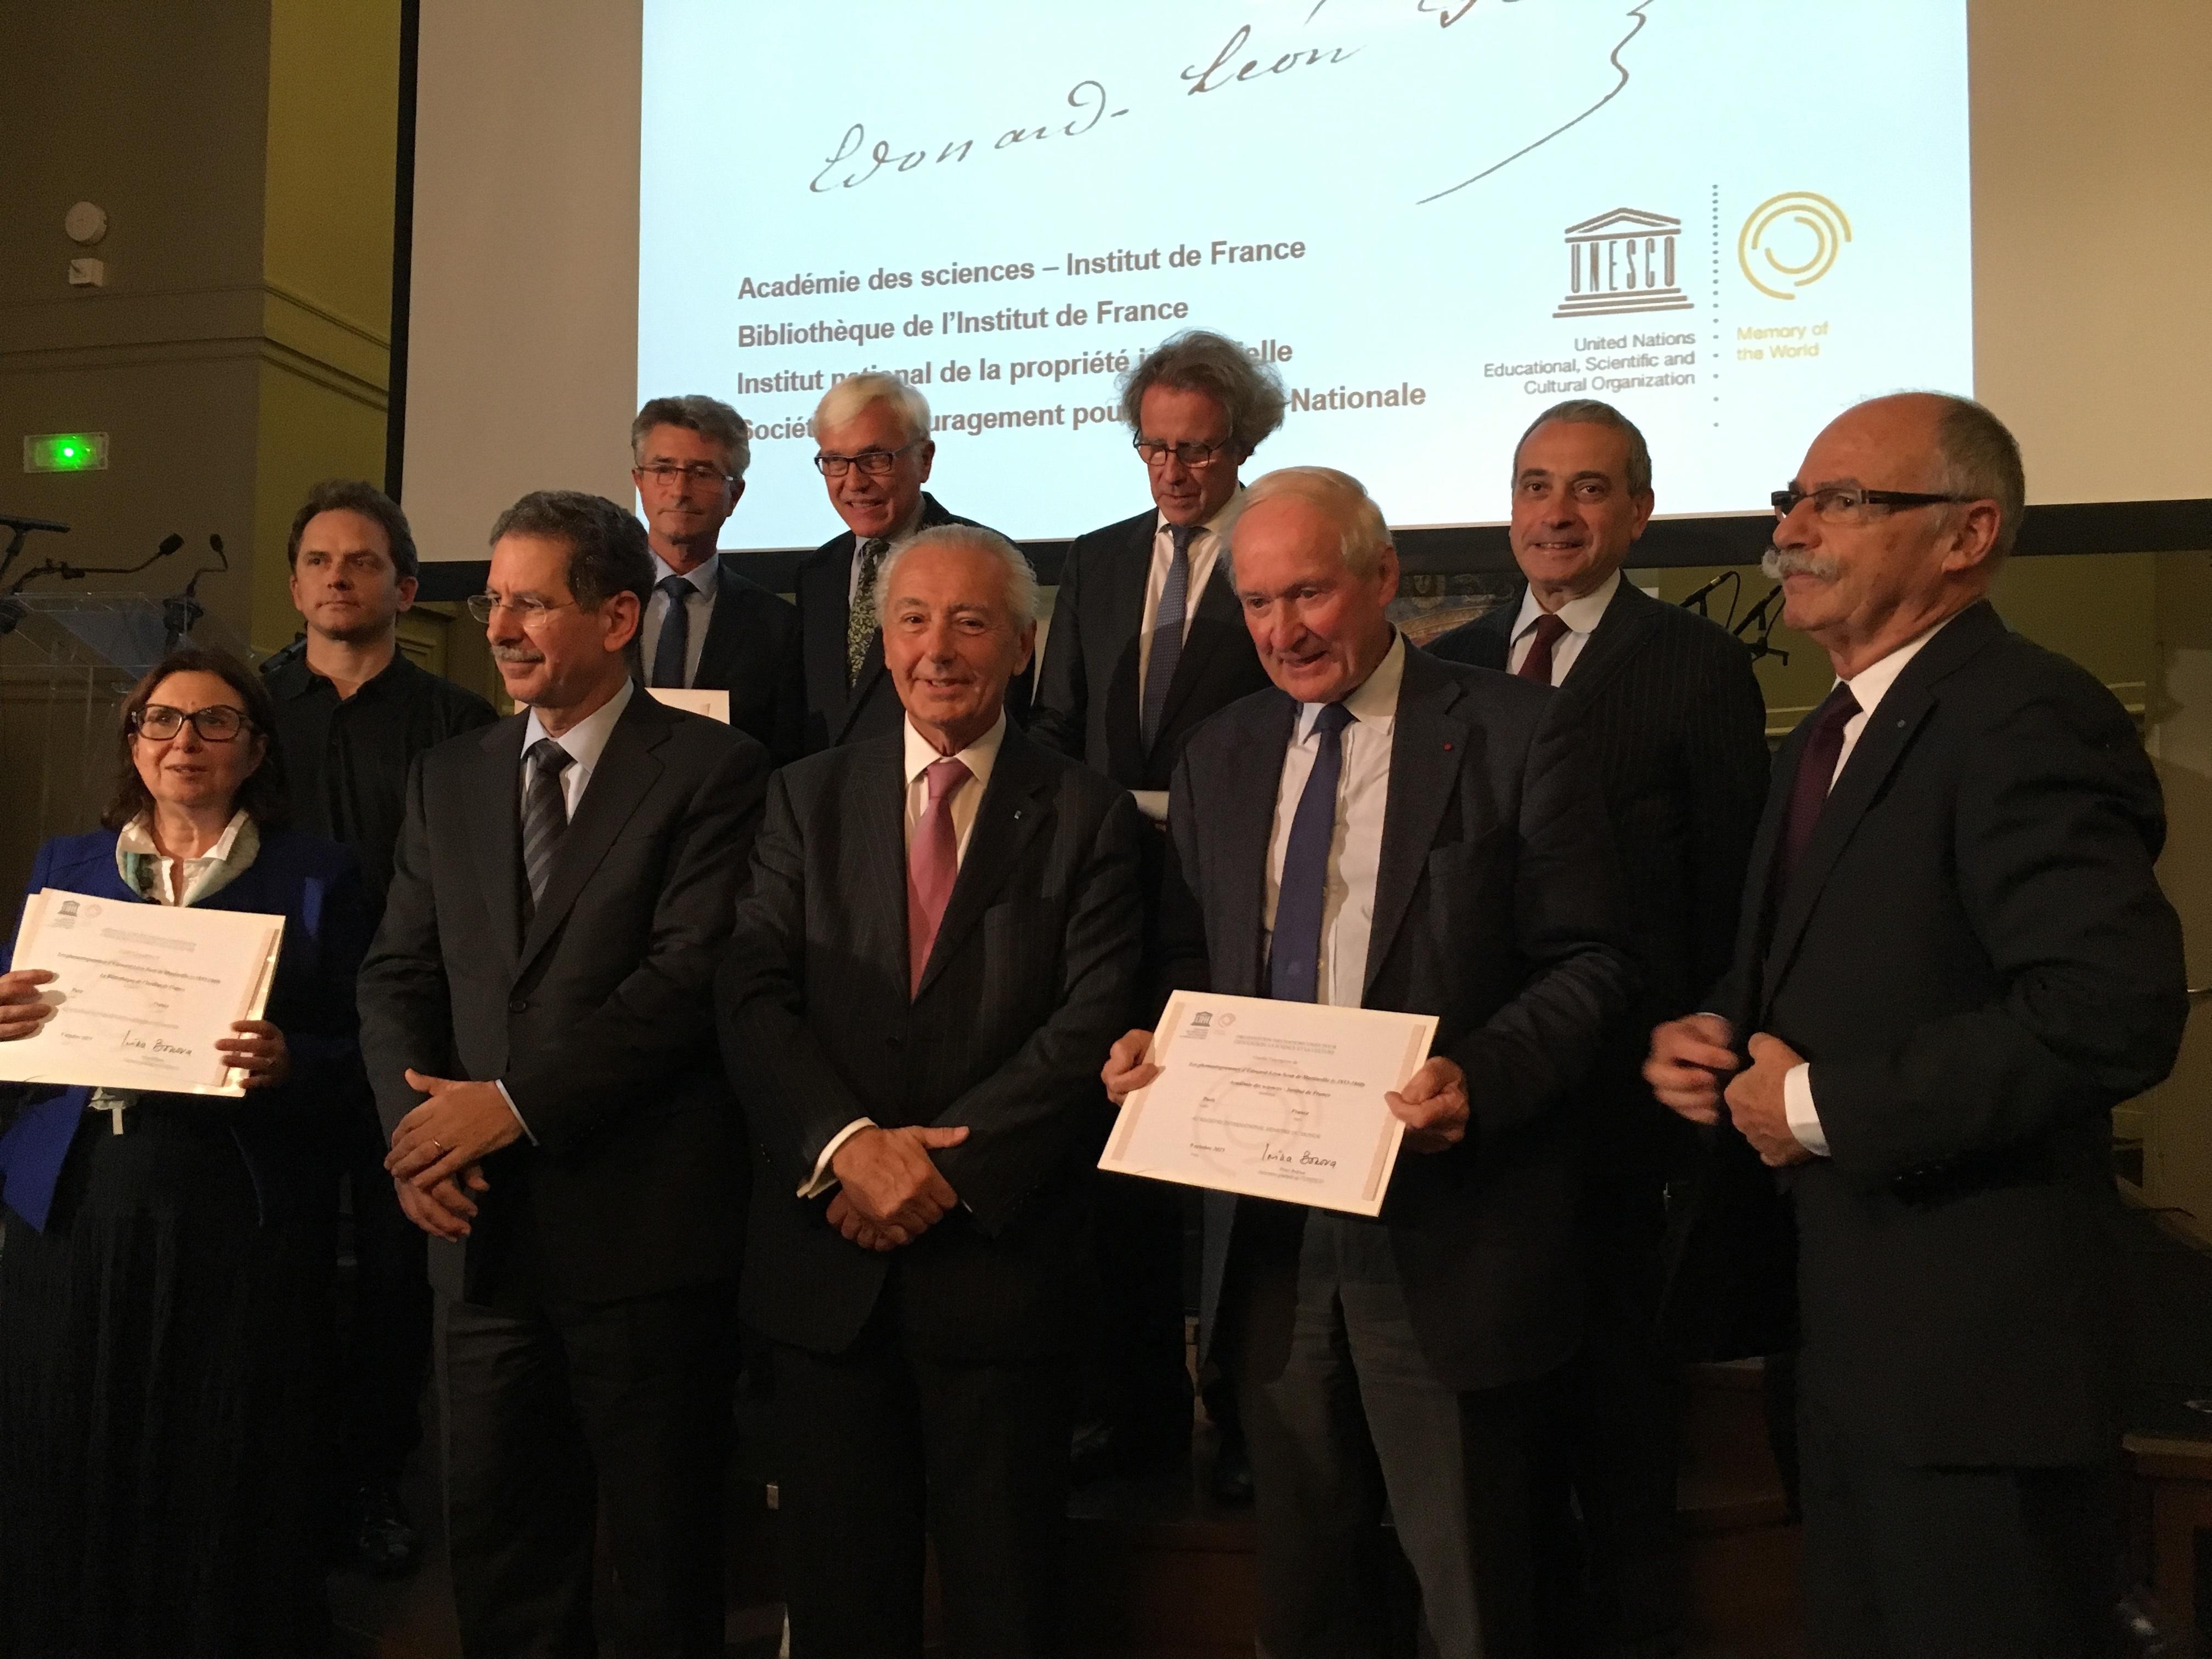 Remise du certificat d'inscription au registre international Mémoire du Monde à l'INPI, la SEIN, l'Institut de France et l'Académie de France / Crédit INPI